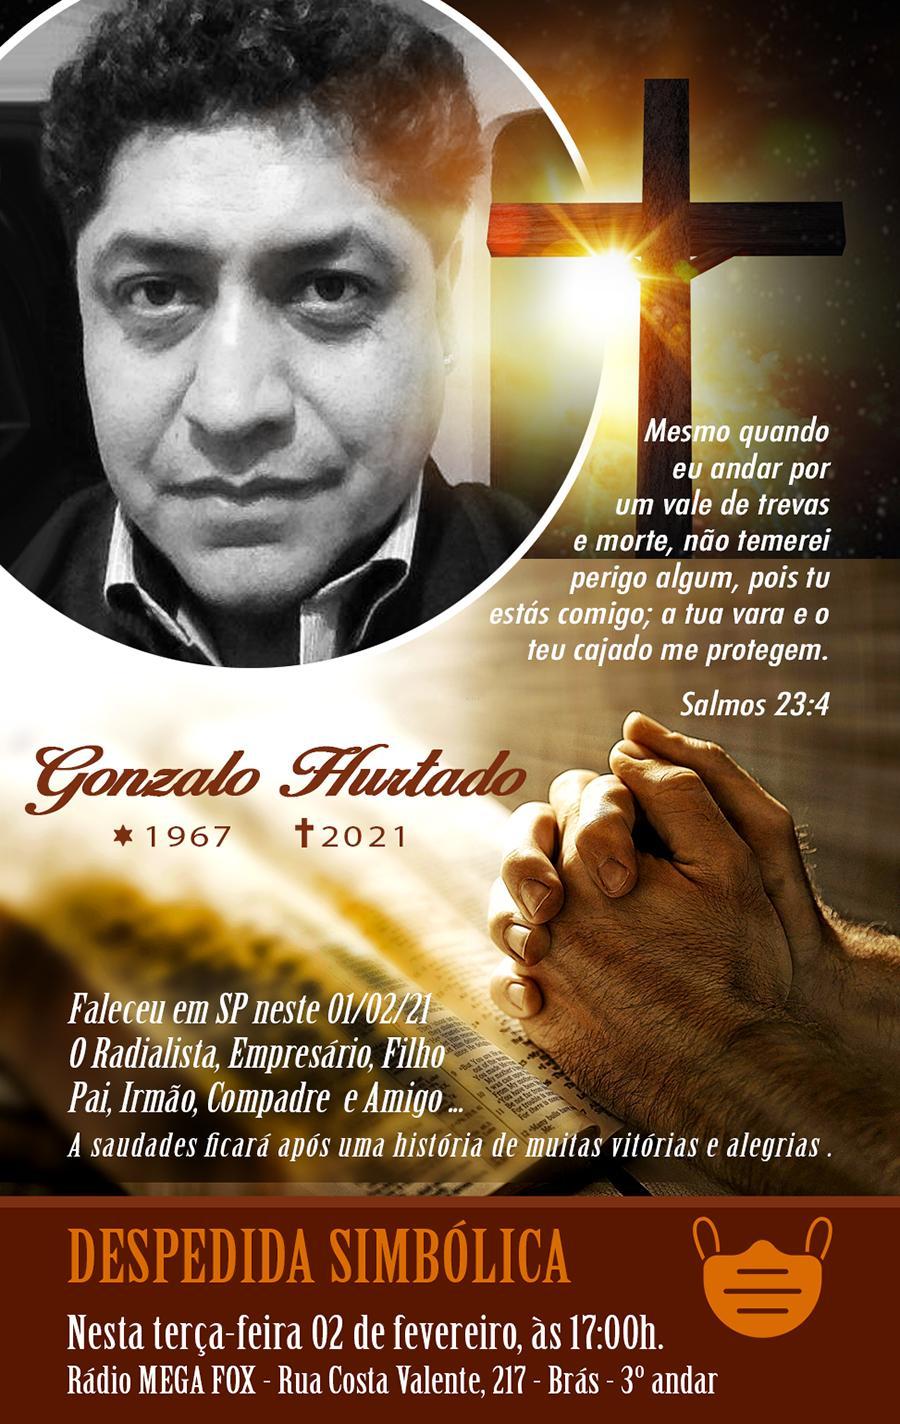 Falece em São Paulo o Comunicador e empresário Gonzalo Hurtado